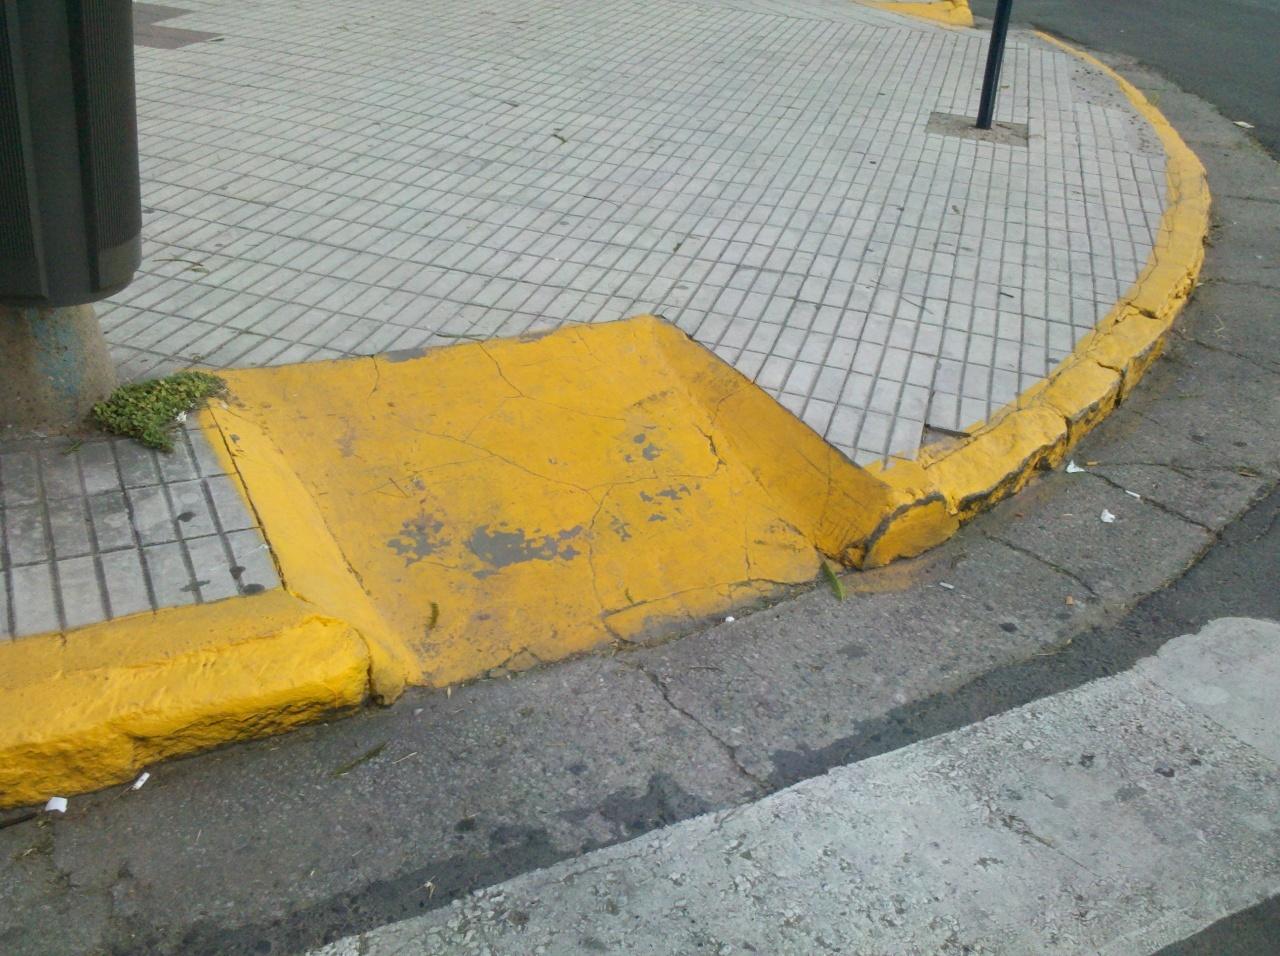 Accesibilidad M S Rampas Otro Deber Municipal Cuesti N